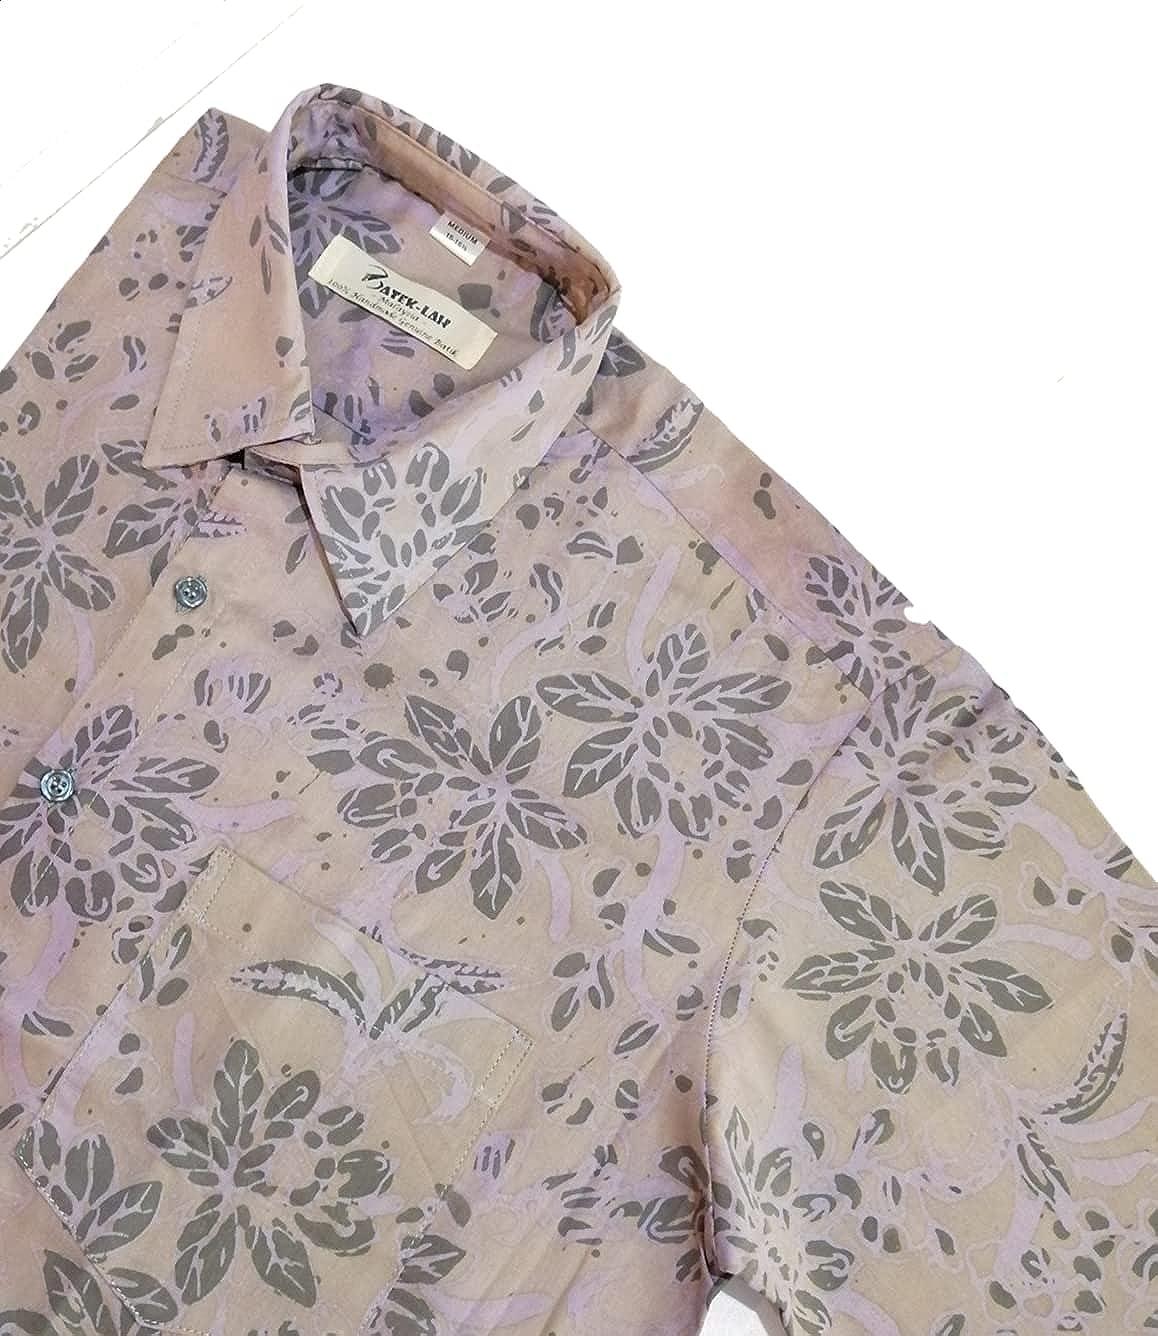 Men Shirt (S Size) Short Sleeve Shirt - Summer Cotton Shirt - Smart Casual Hawaiian Shirt - Handmade Batik Collar Shirt